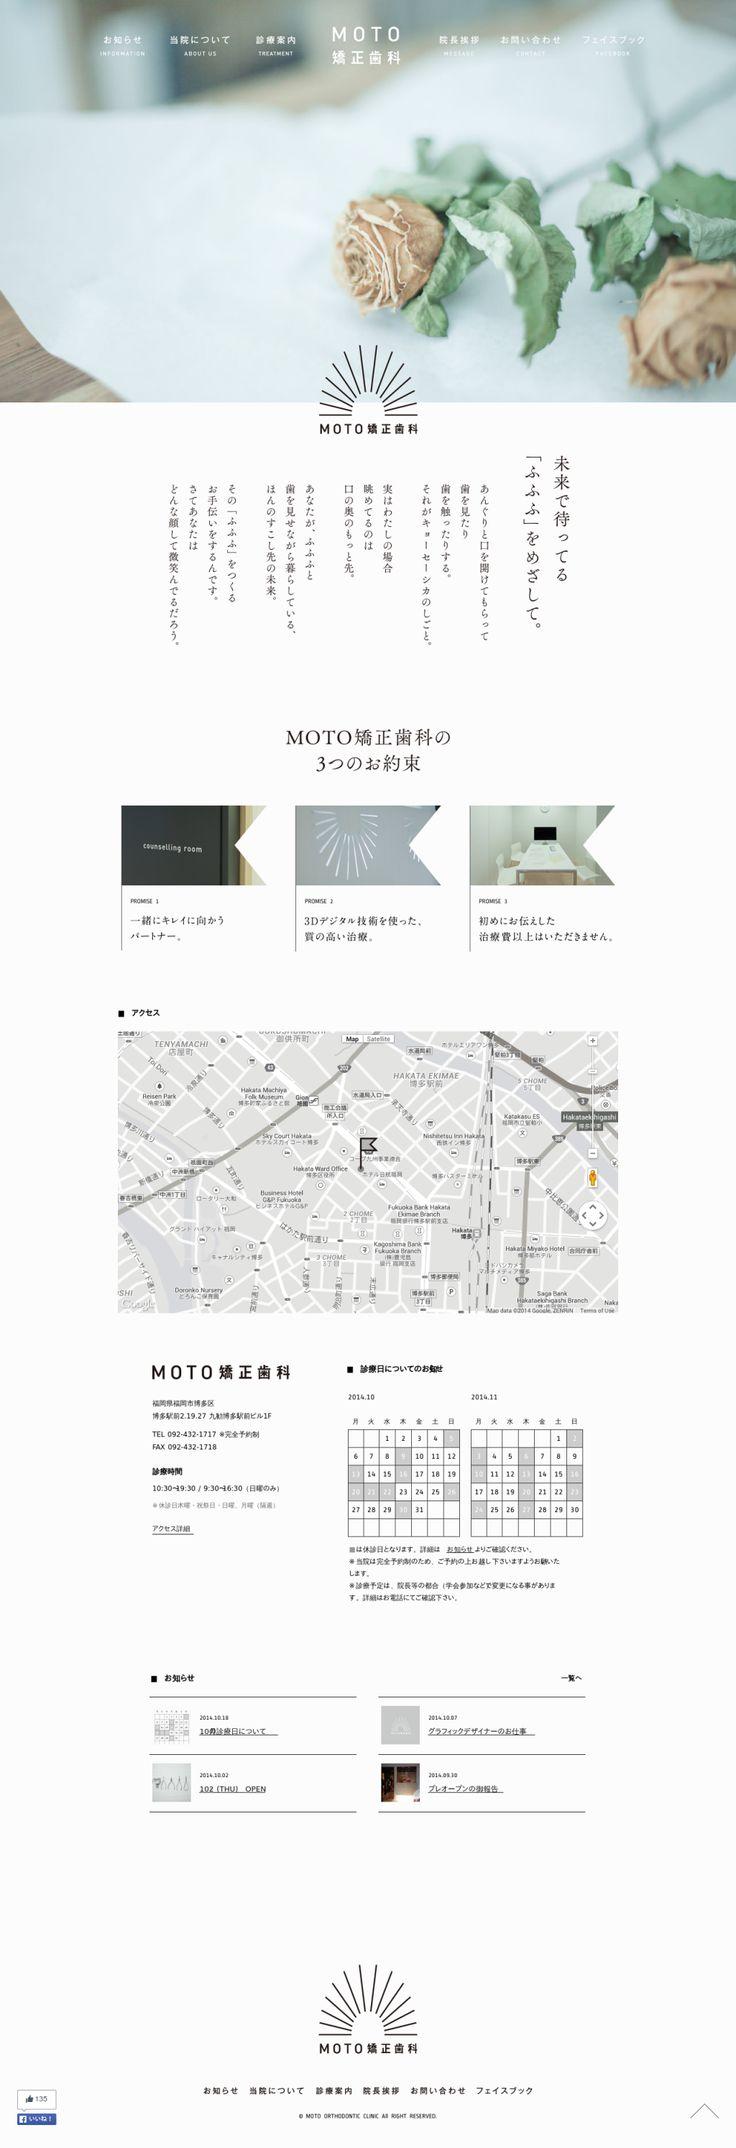 MOTO矯正歯科 (矯正歯科) http://moto-od.jp/